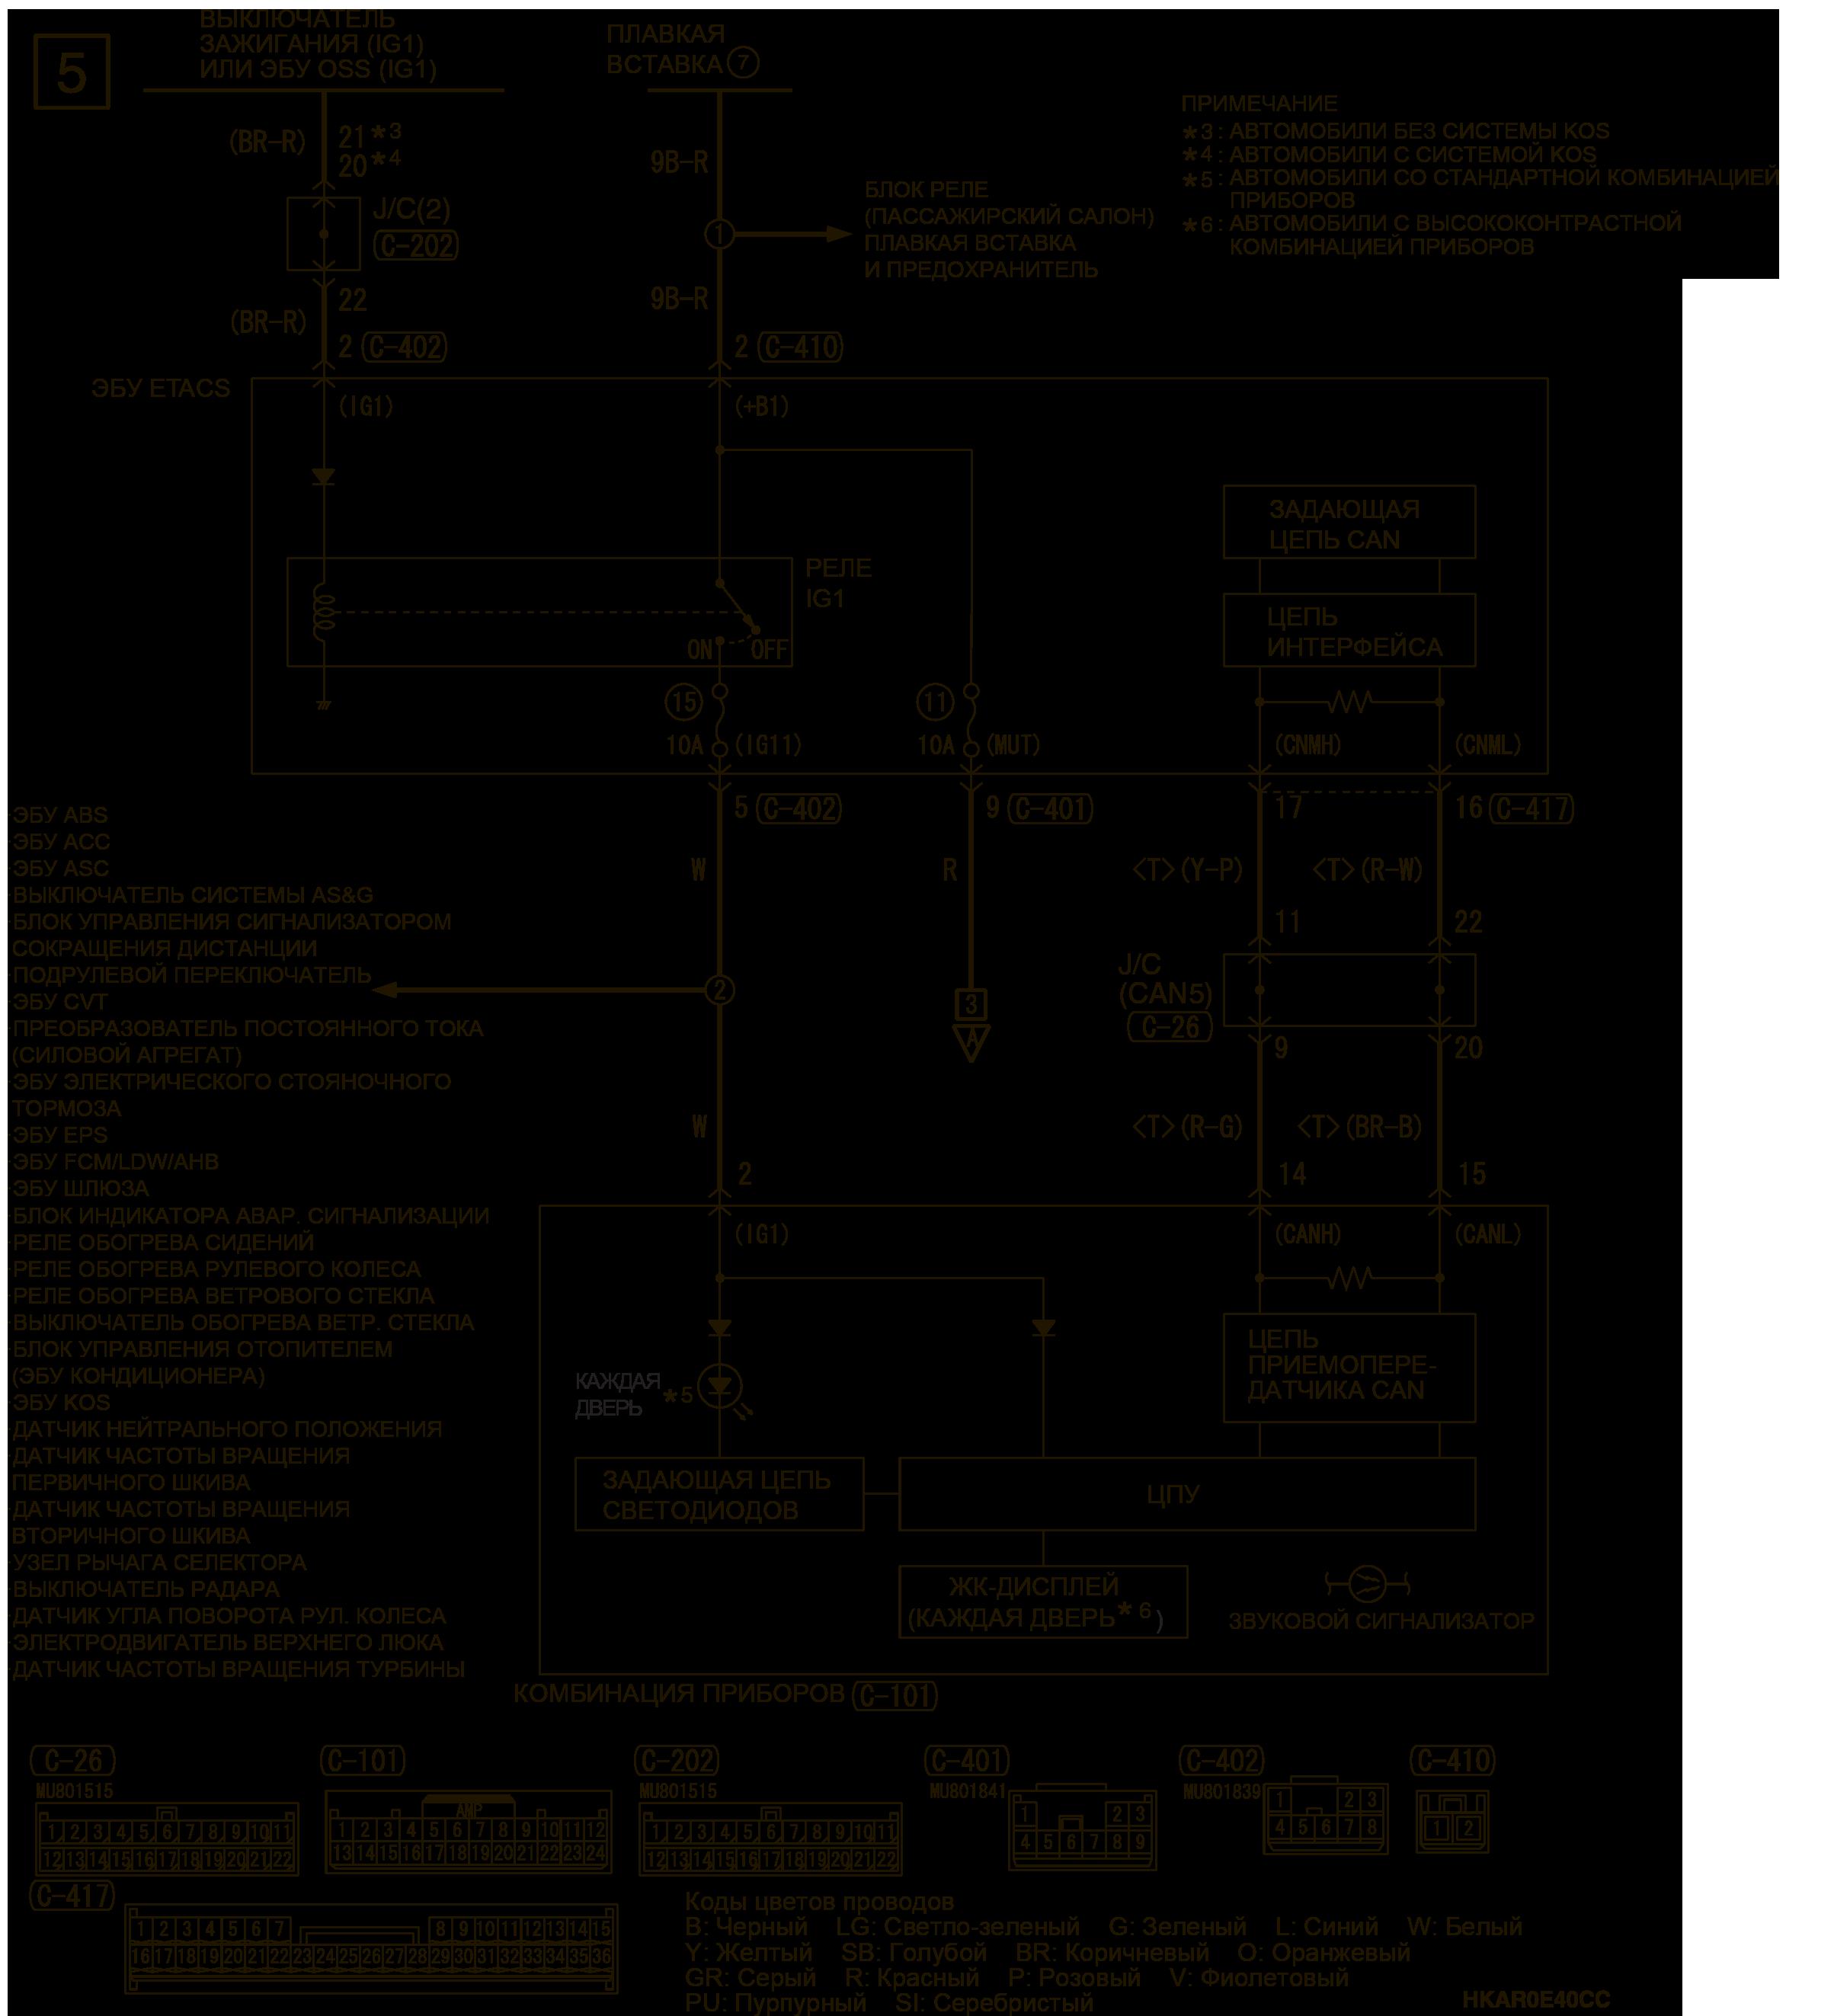 mmc аутлендер 3 2019 электросхемаЗУММЕР СИГНАЛИЗАТОРА НЕЗАКРЫТЫХ ДВЕРЕЙ ЛЕВАЯ СТОРОНА